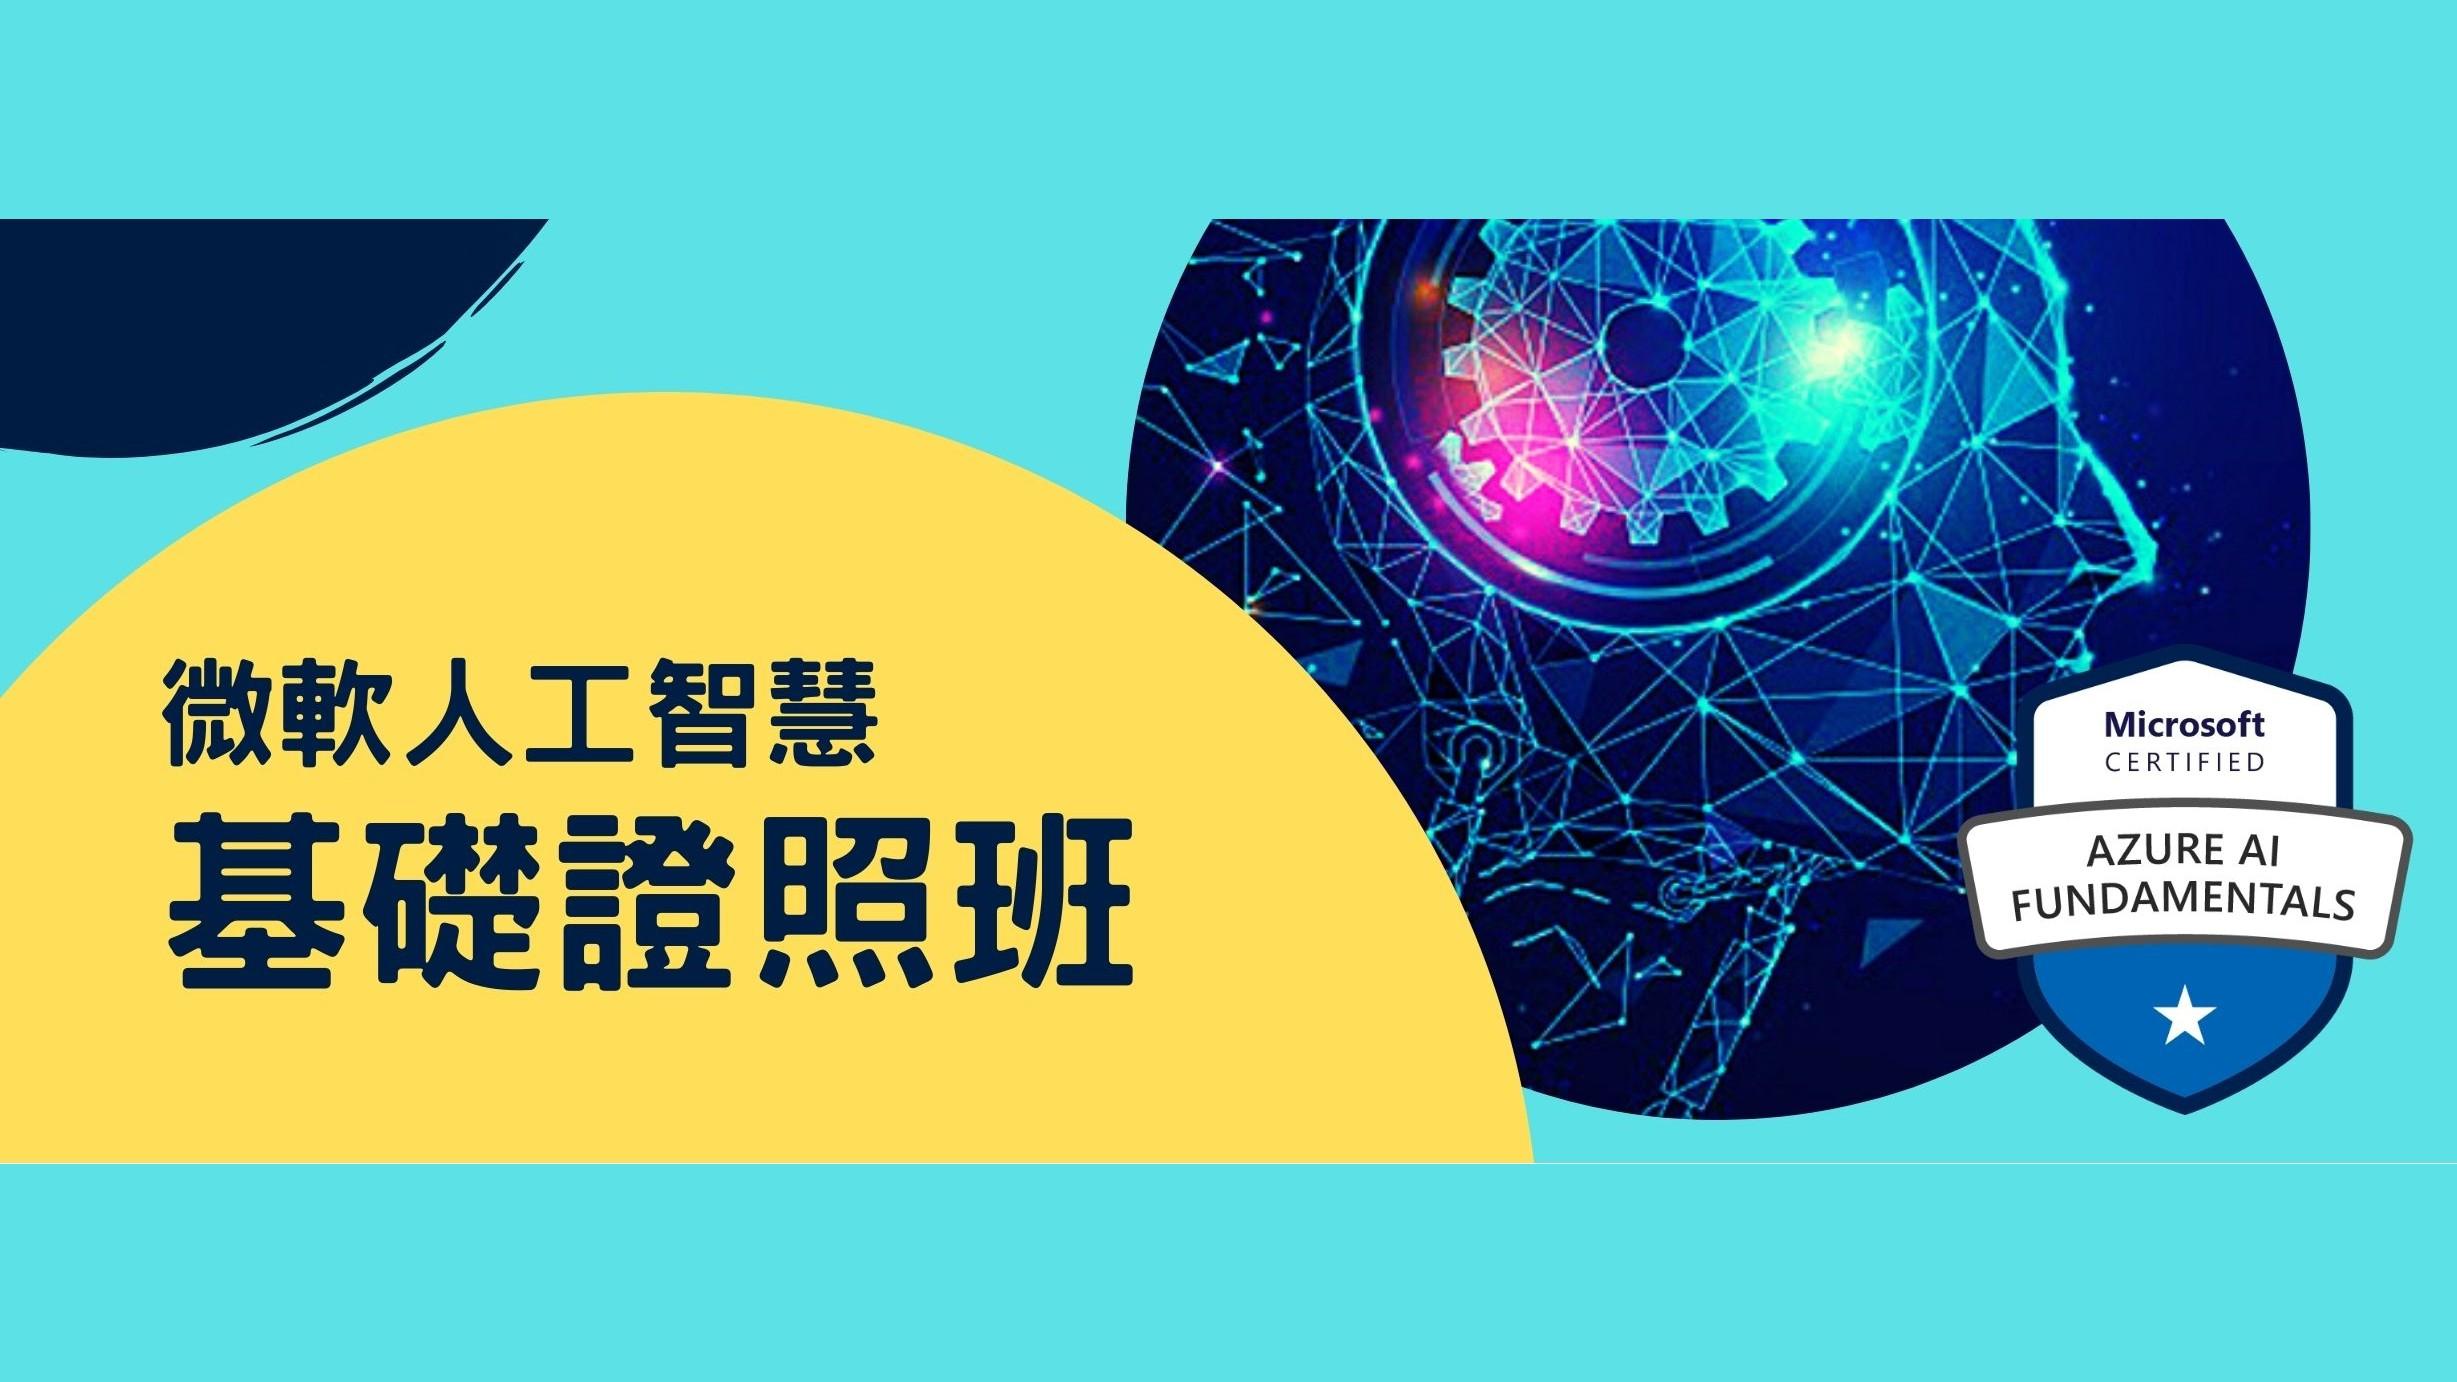 中華大學程式設計培訓營-微軟人工智慧基礎證照班